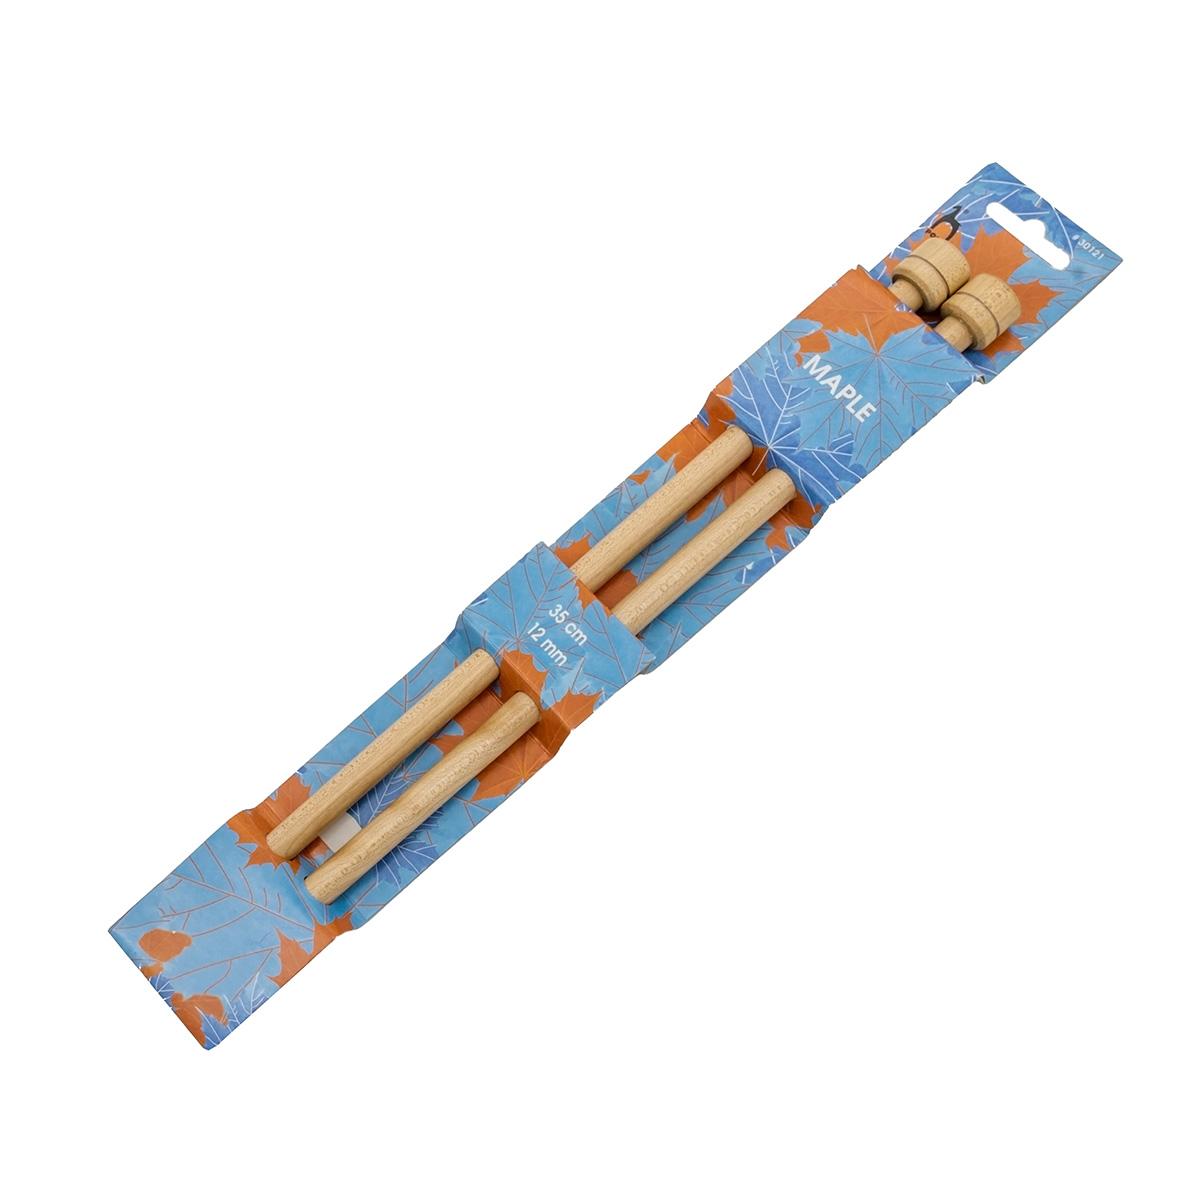 30121 PONY Спицы прямые 12,00 мм/ 35 см, клен, 2 шт.